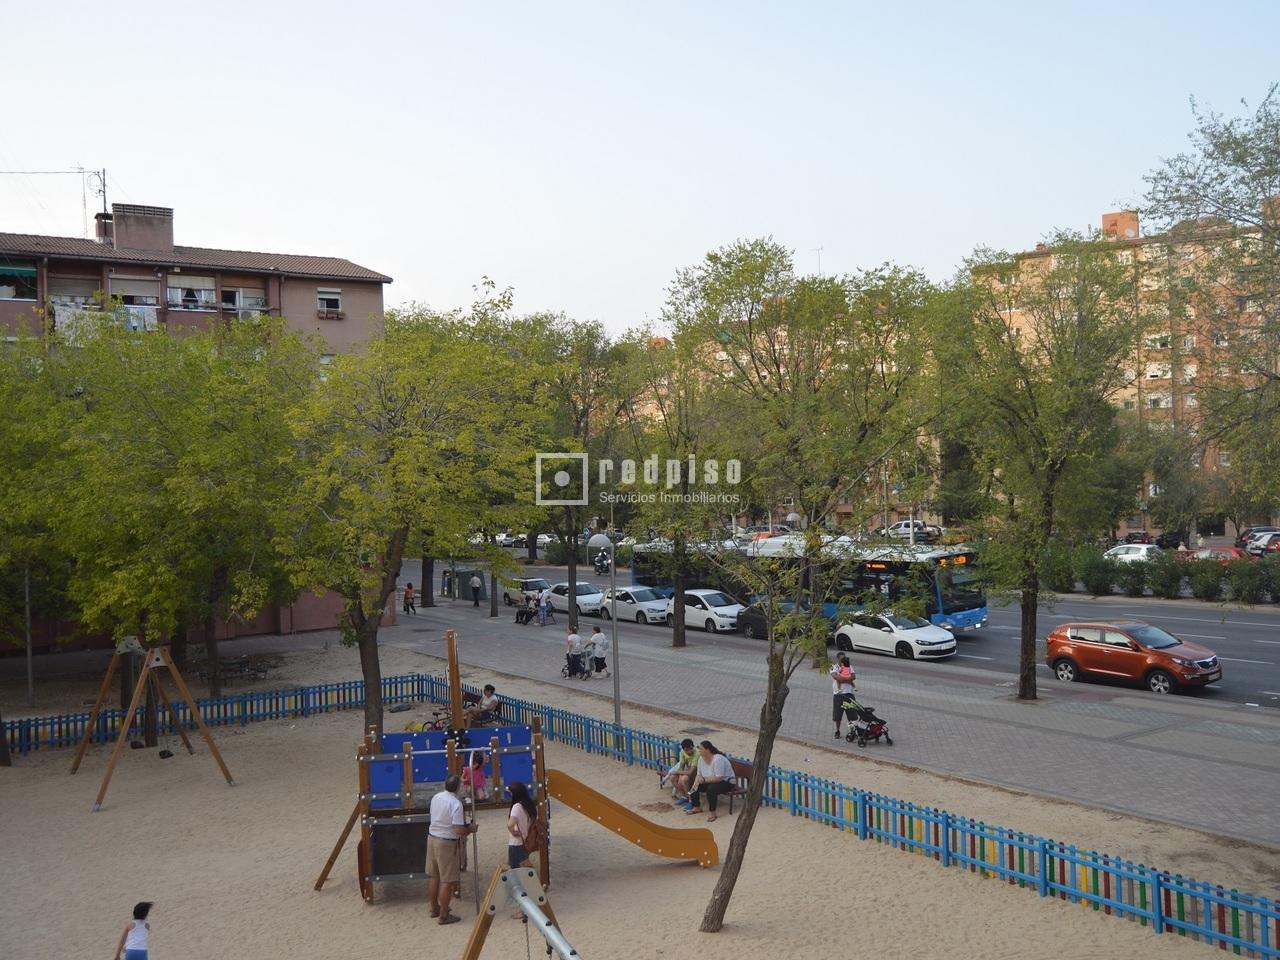 Piso en venta en calle gandhi pueblo nuevo ciudad lineal for Pisos en pueblo nuevo